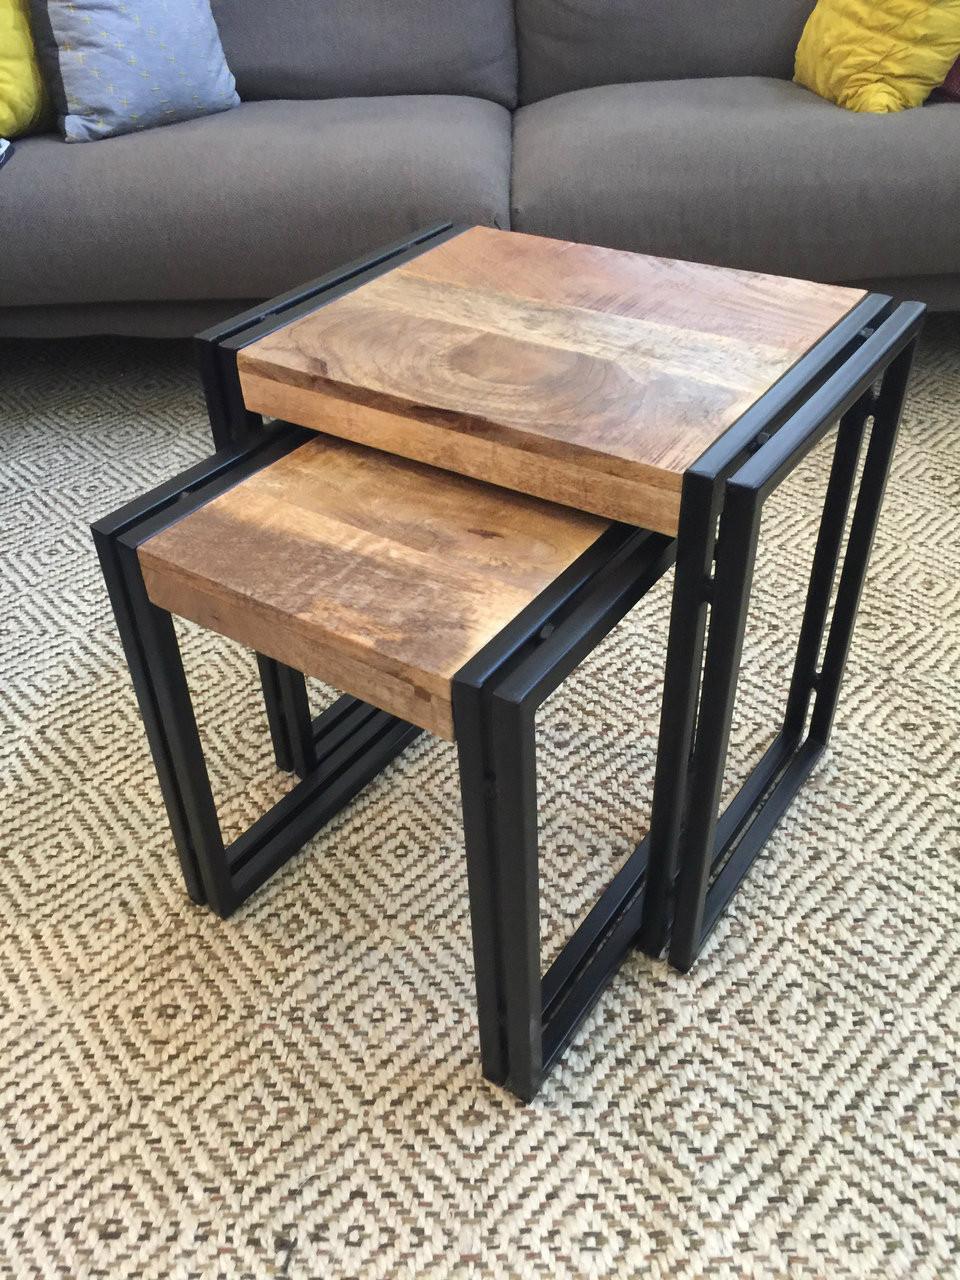 Reclaimed Wood Metal Coffee Table.Reclaimed Wood Metal Nesting Table Set Of 2